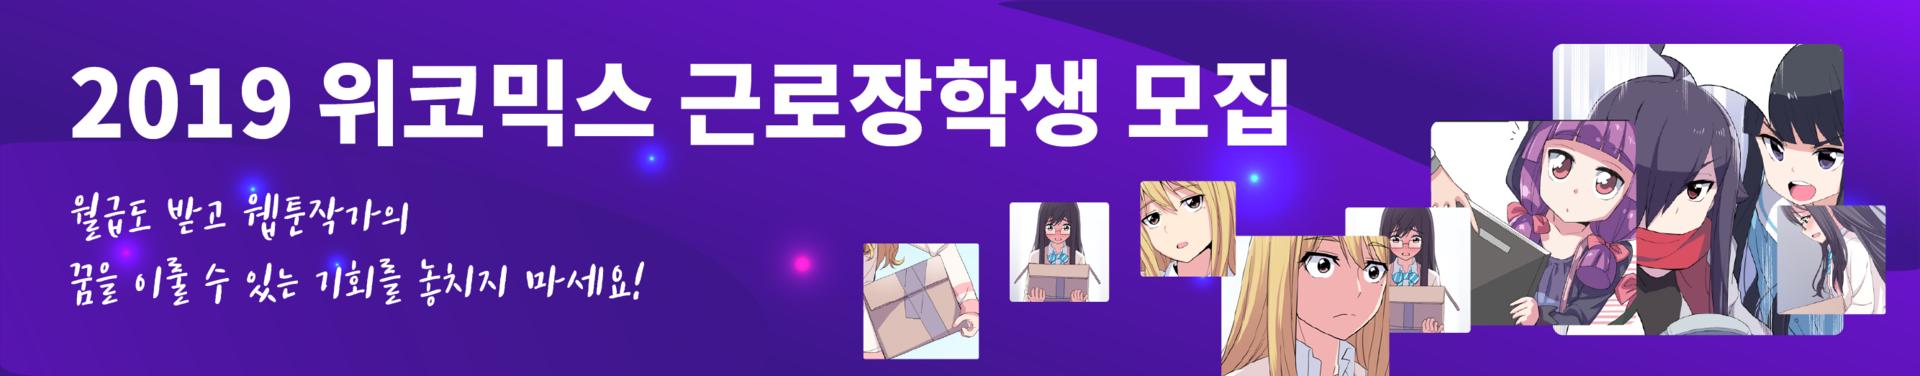 2019 위코믹스 웹툰 전문 학원 근로장학생 모집